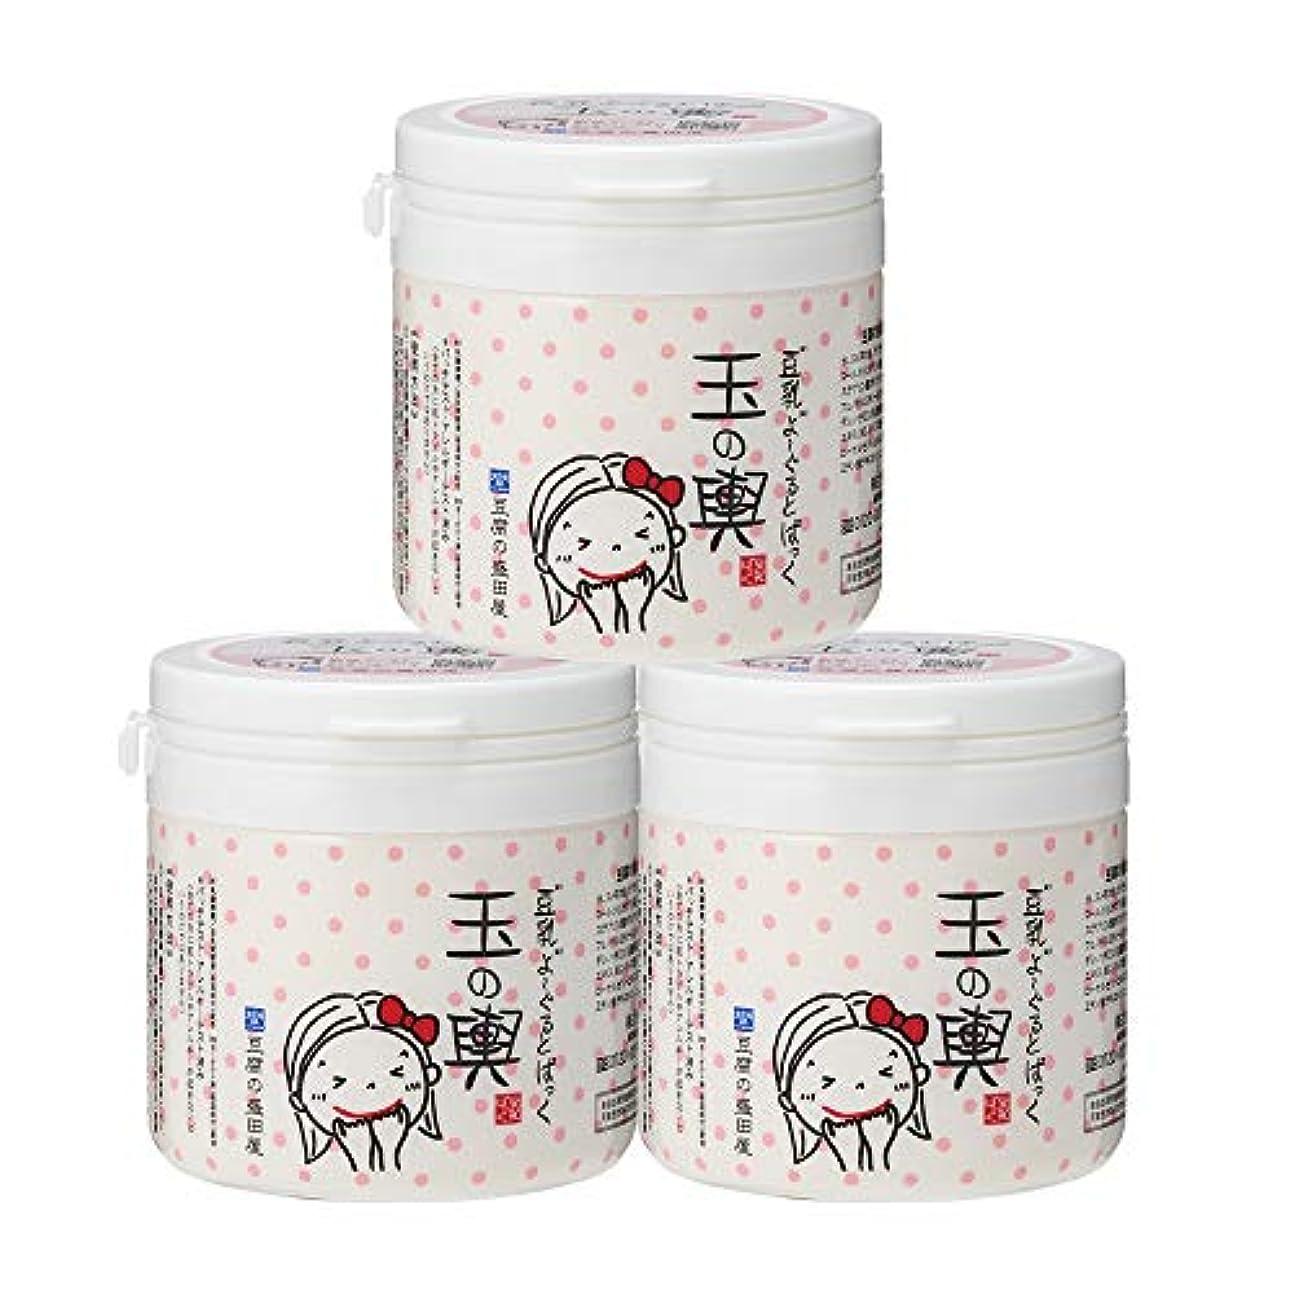 報酬の面飾る豆腐の盛田屋 豆乳よーぐるとぱっく 玉の輿 150g×3個セット